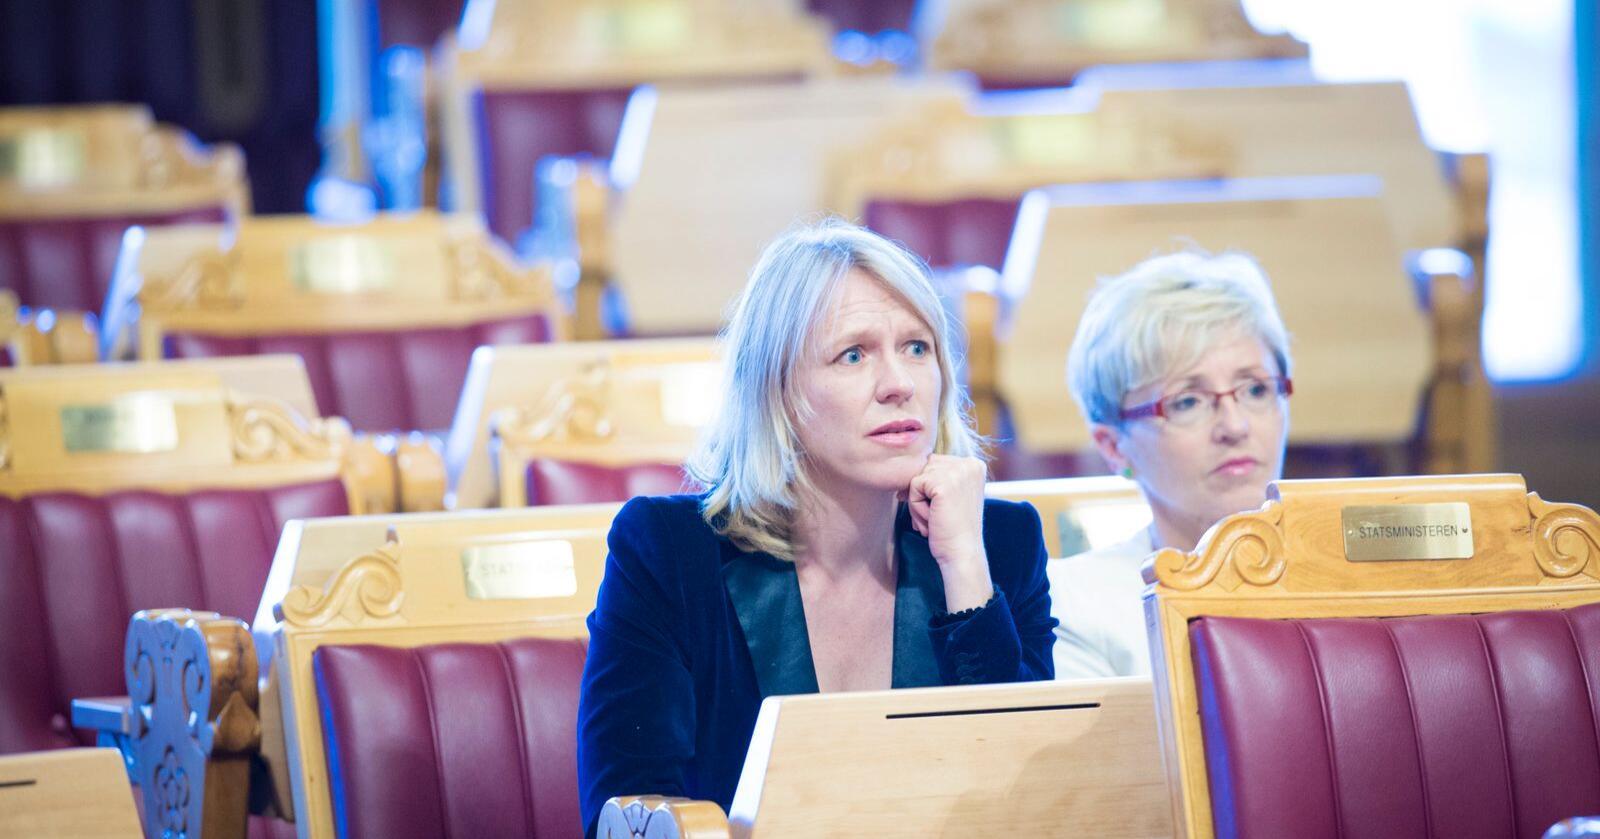 Anniken Huitfeldt (Ap) og Liv Signe Navarsete (Sp) er de fremste forsvarspolitikerne i sine parti. Nå får de kritikk fra Høyre for å kutte i objektsikring. Bildet er tatt i 2012, da Huitfeldt og Navarsete selv satt i regjering. Foto: Kyrre Lien / NTB scanpix